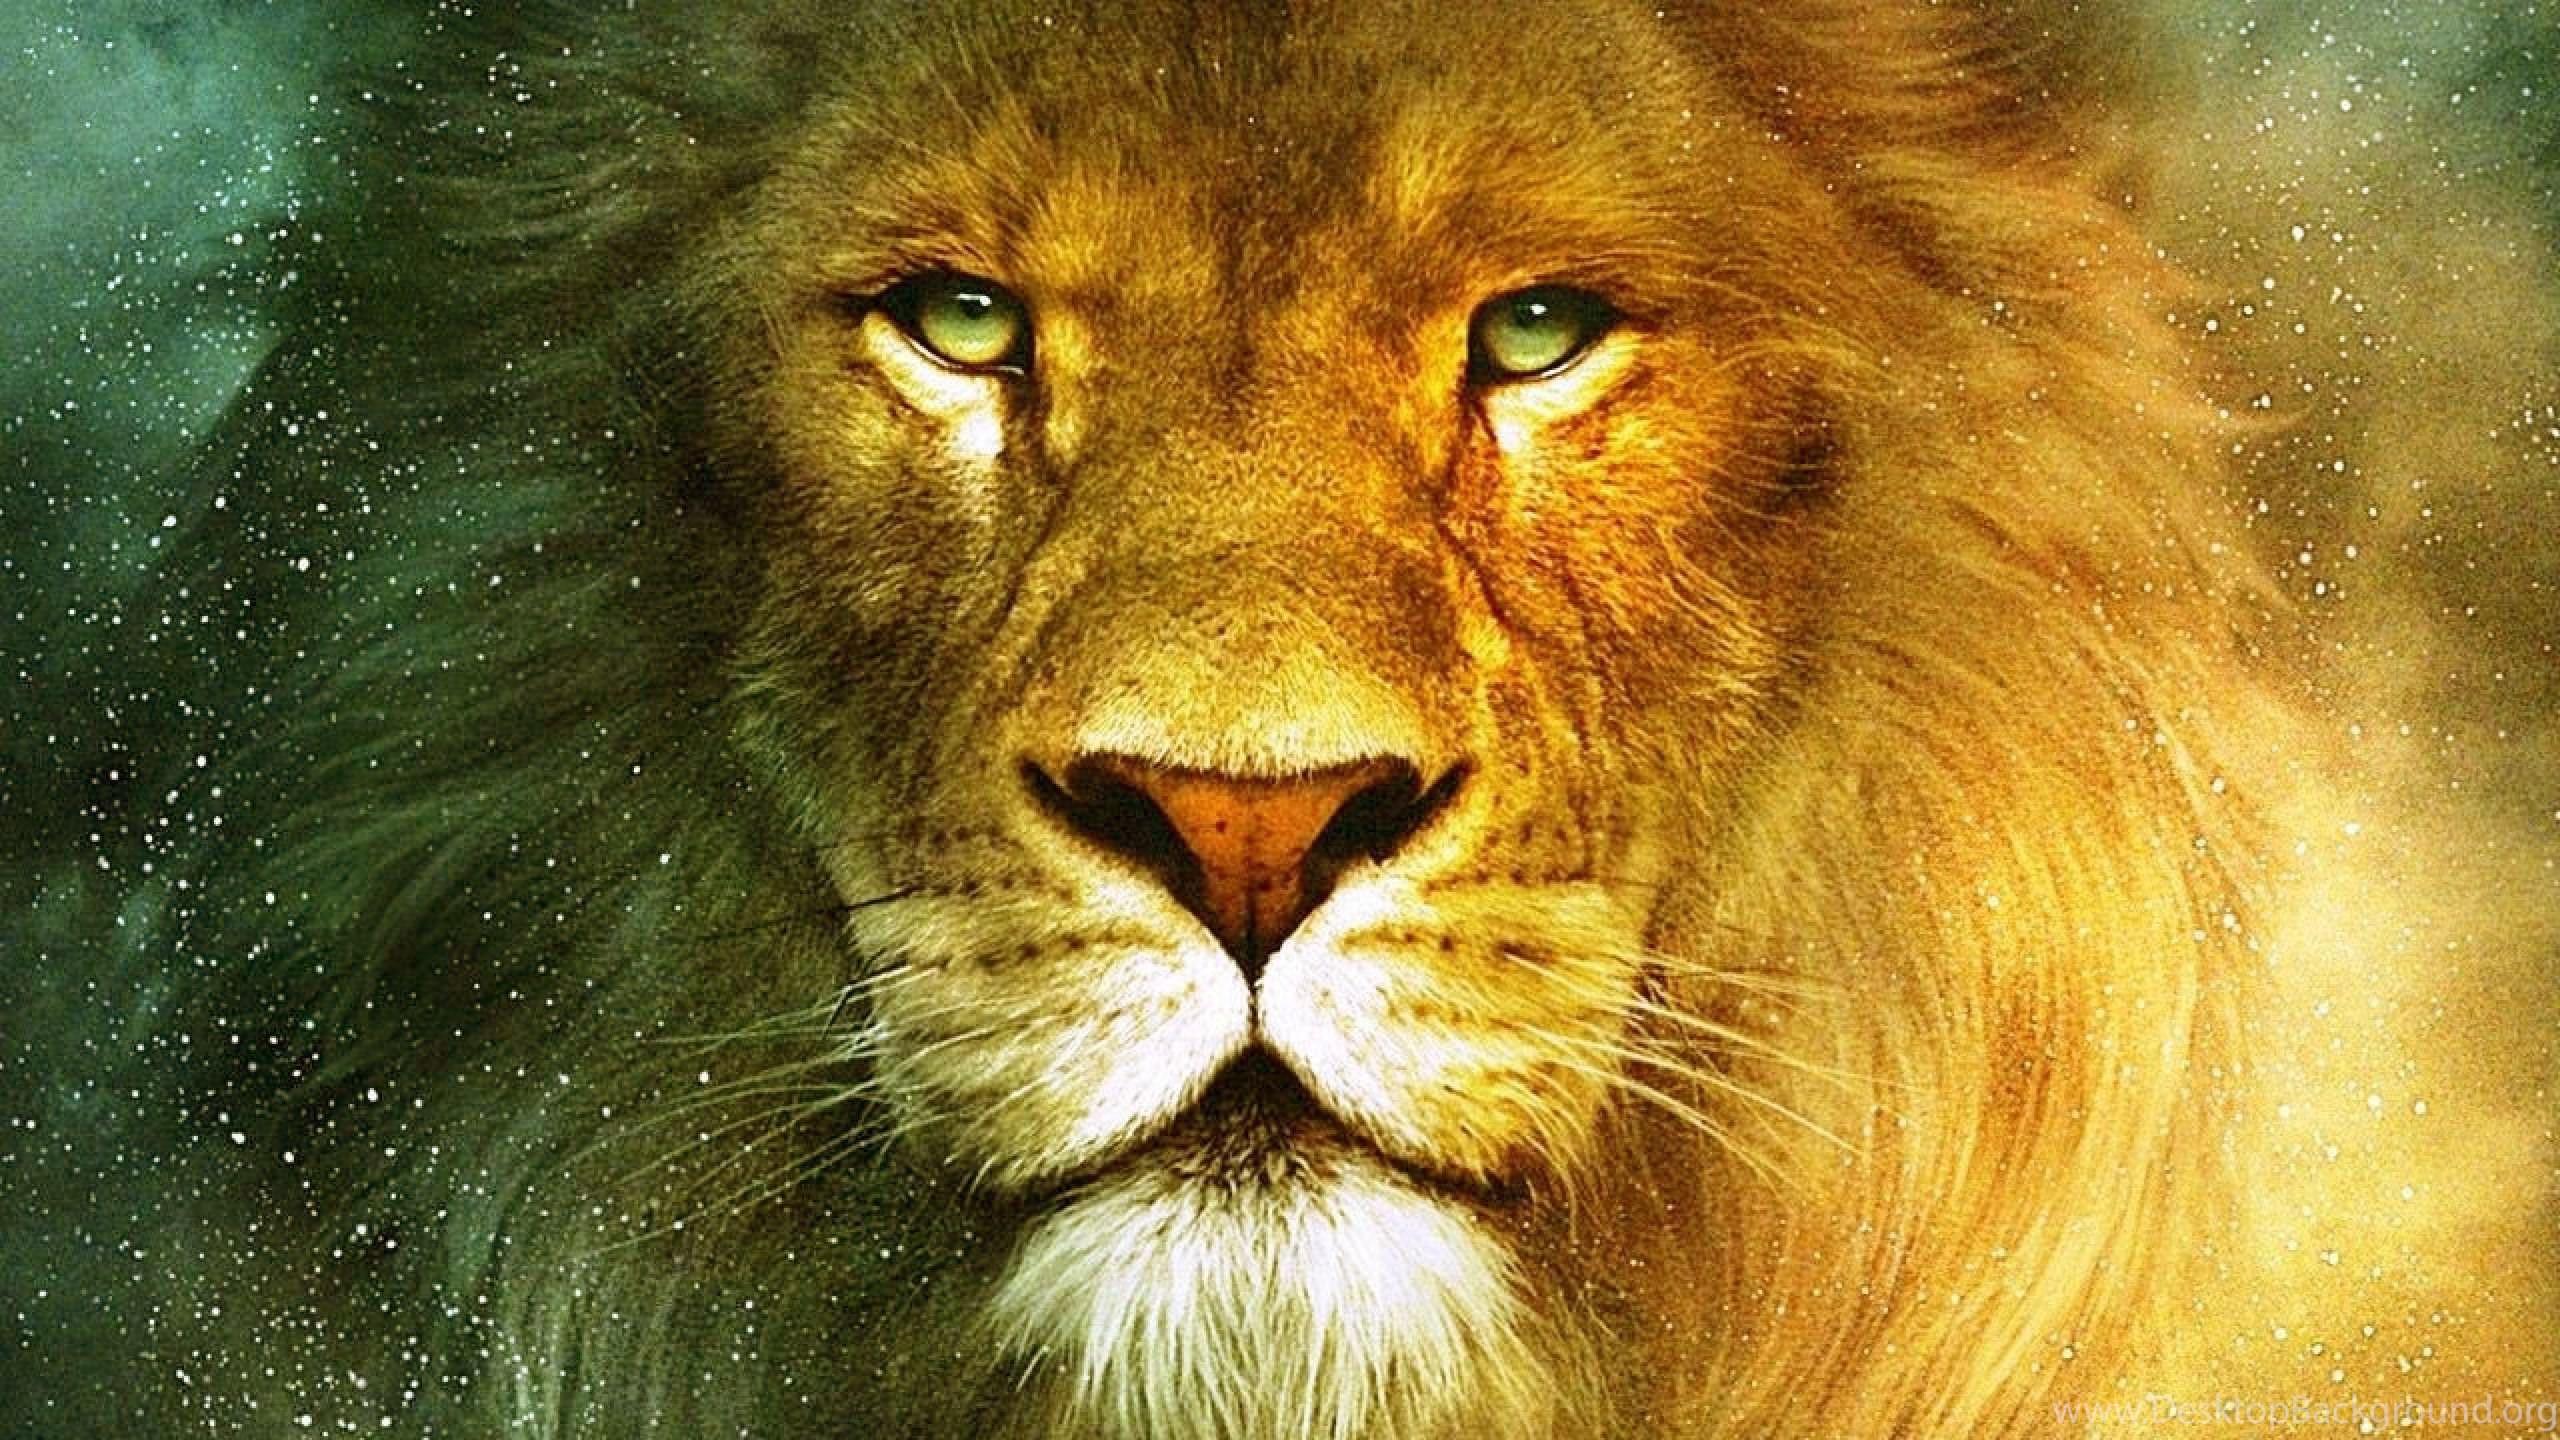 Download beautiful lions wallpapers desktop background netbook voltagebd Gallery